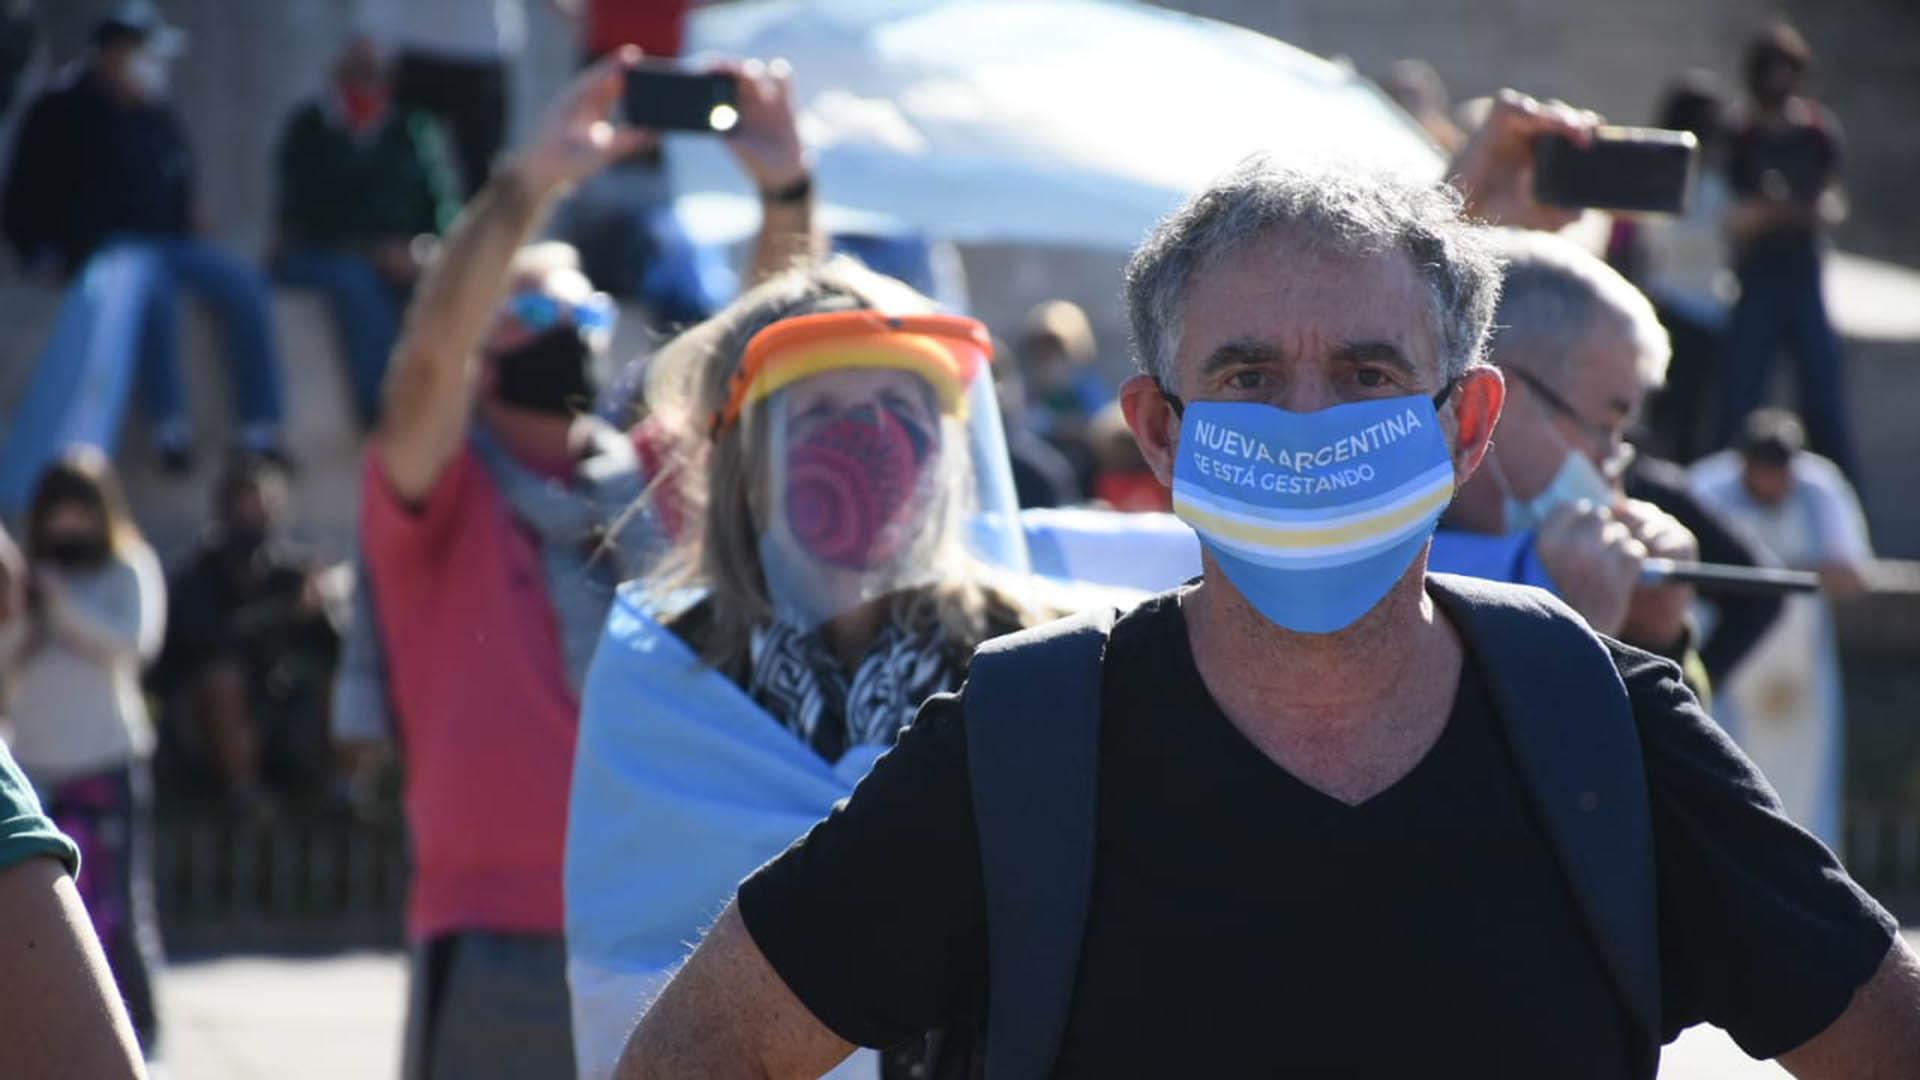 Bien protegidos con tapabocas y máscaras, los manifestantes rosarinos se hicieron escuchar con bocinazos desde los autos y con aplausos y gritos frente al mástil mayor del Monumento a la Bandera (Leo Galletto)